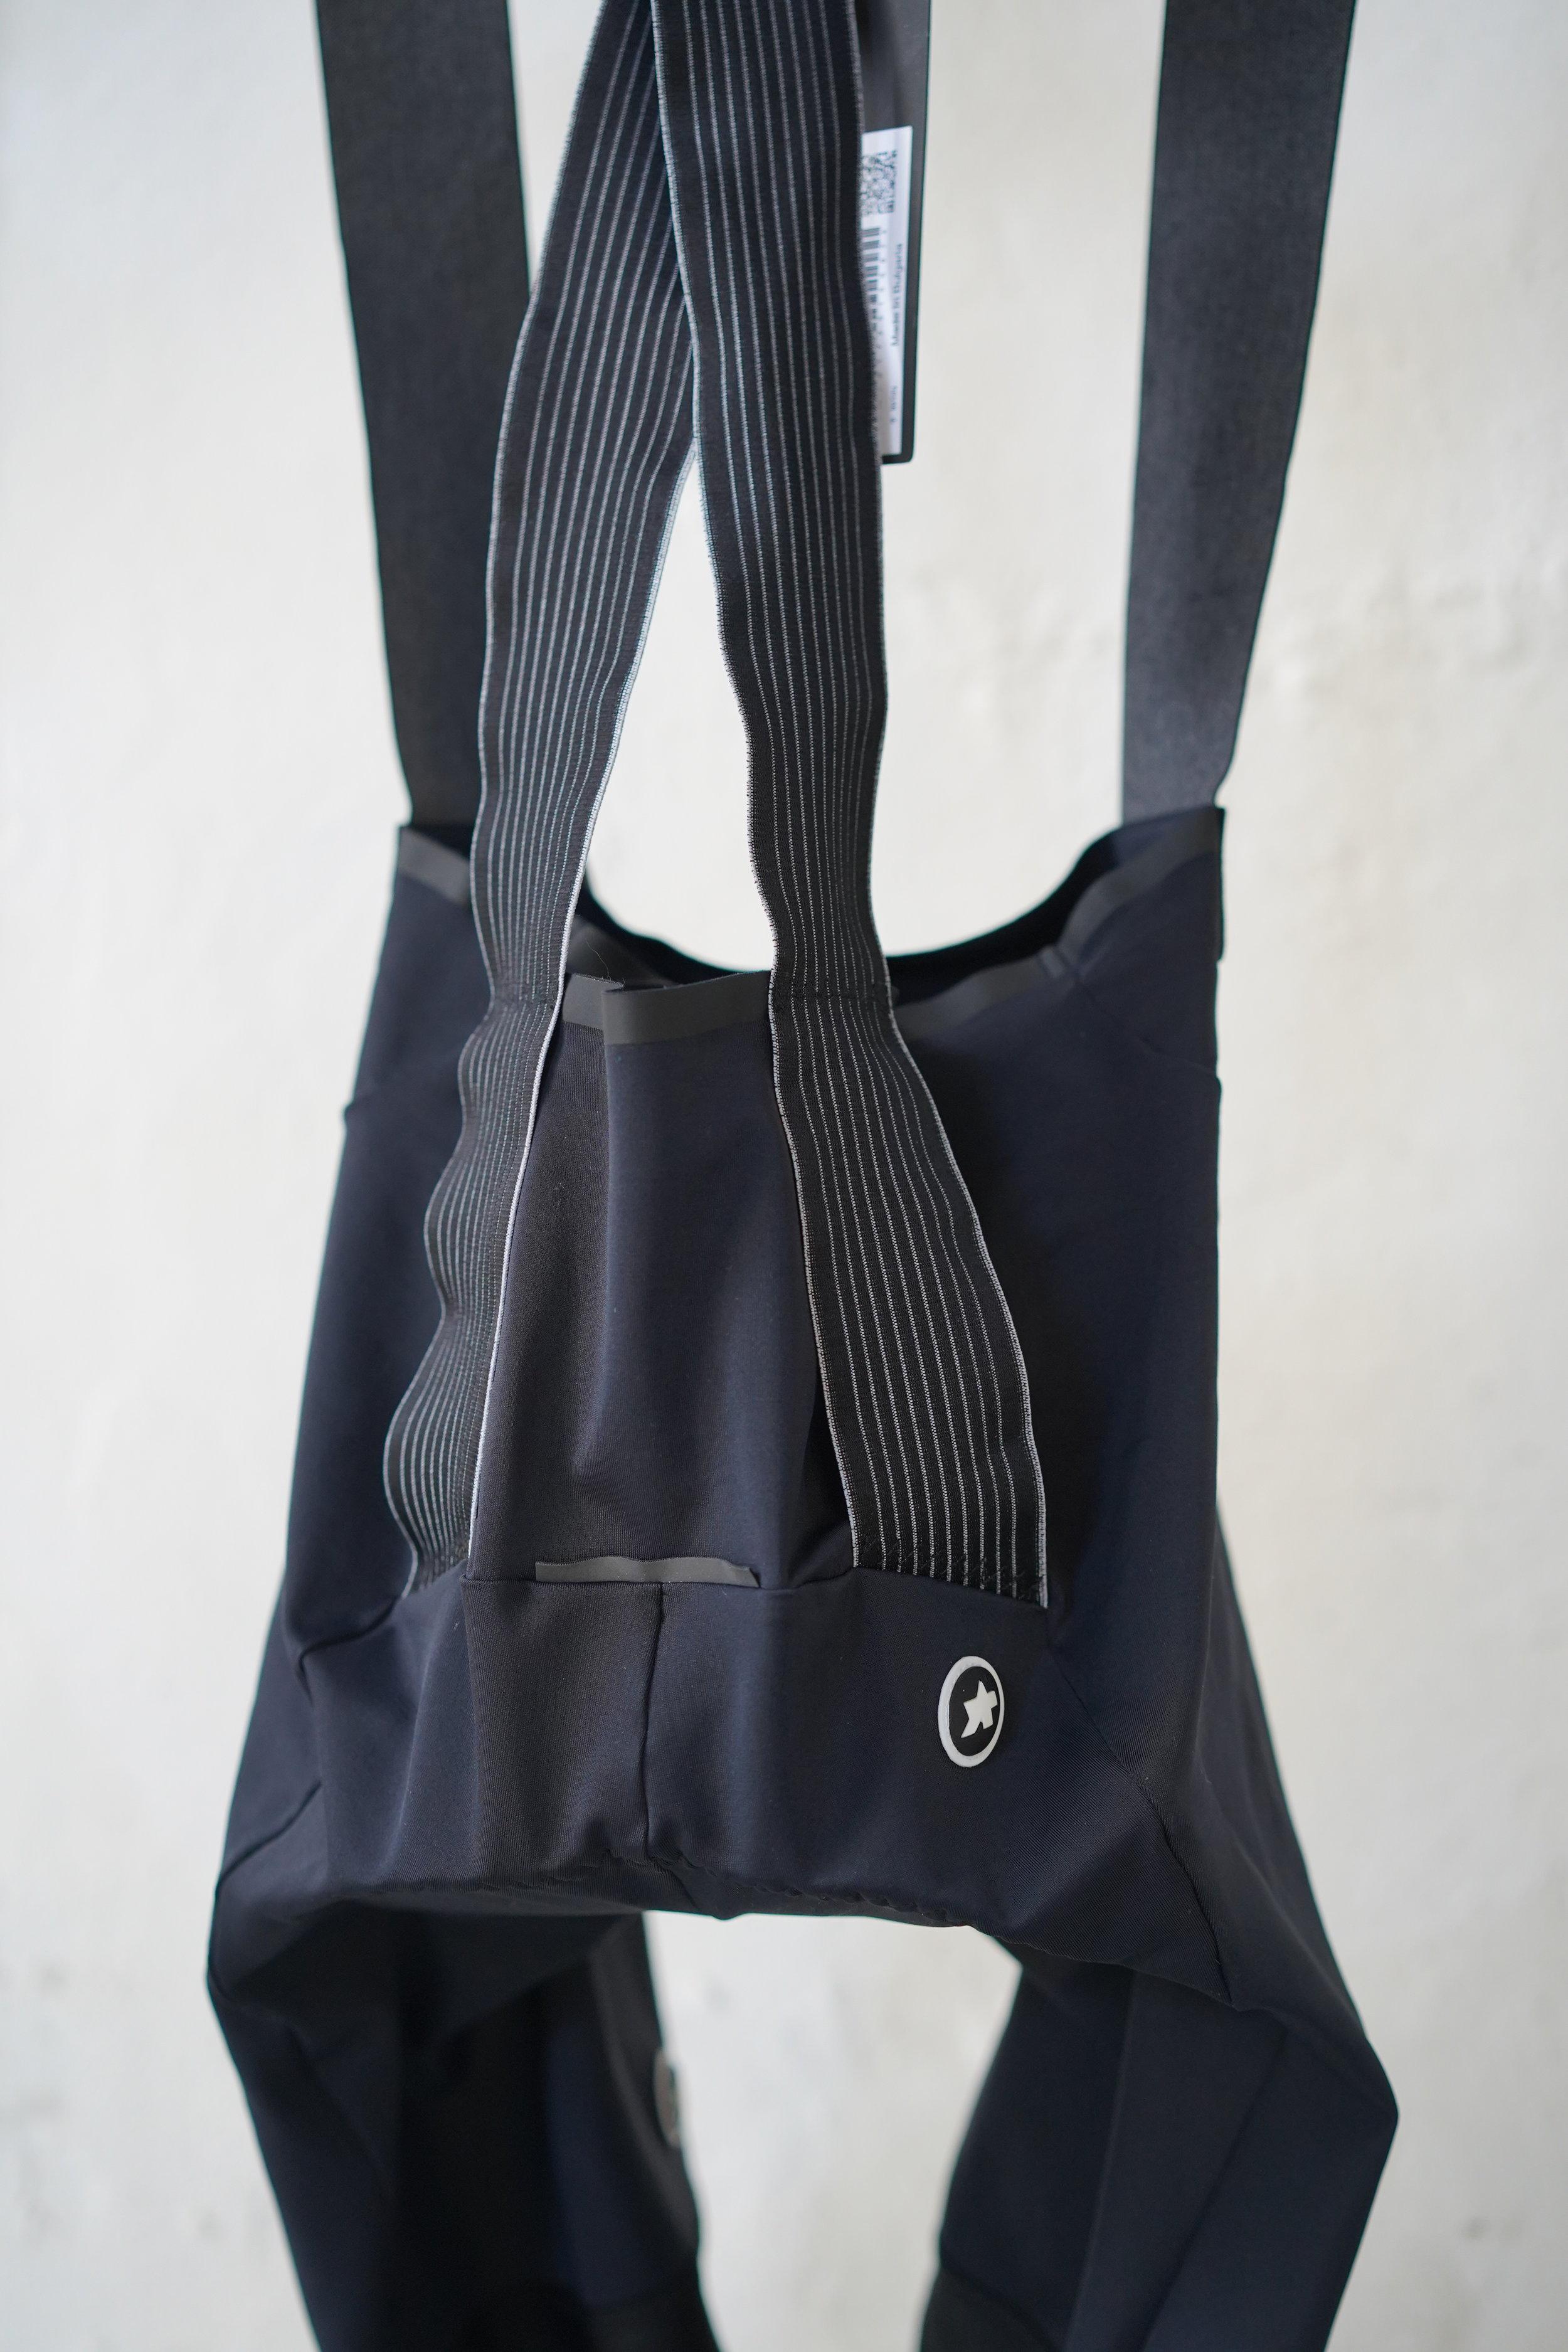 Assos S9 Bib Shorts